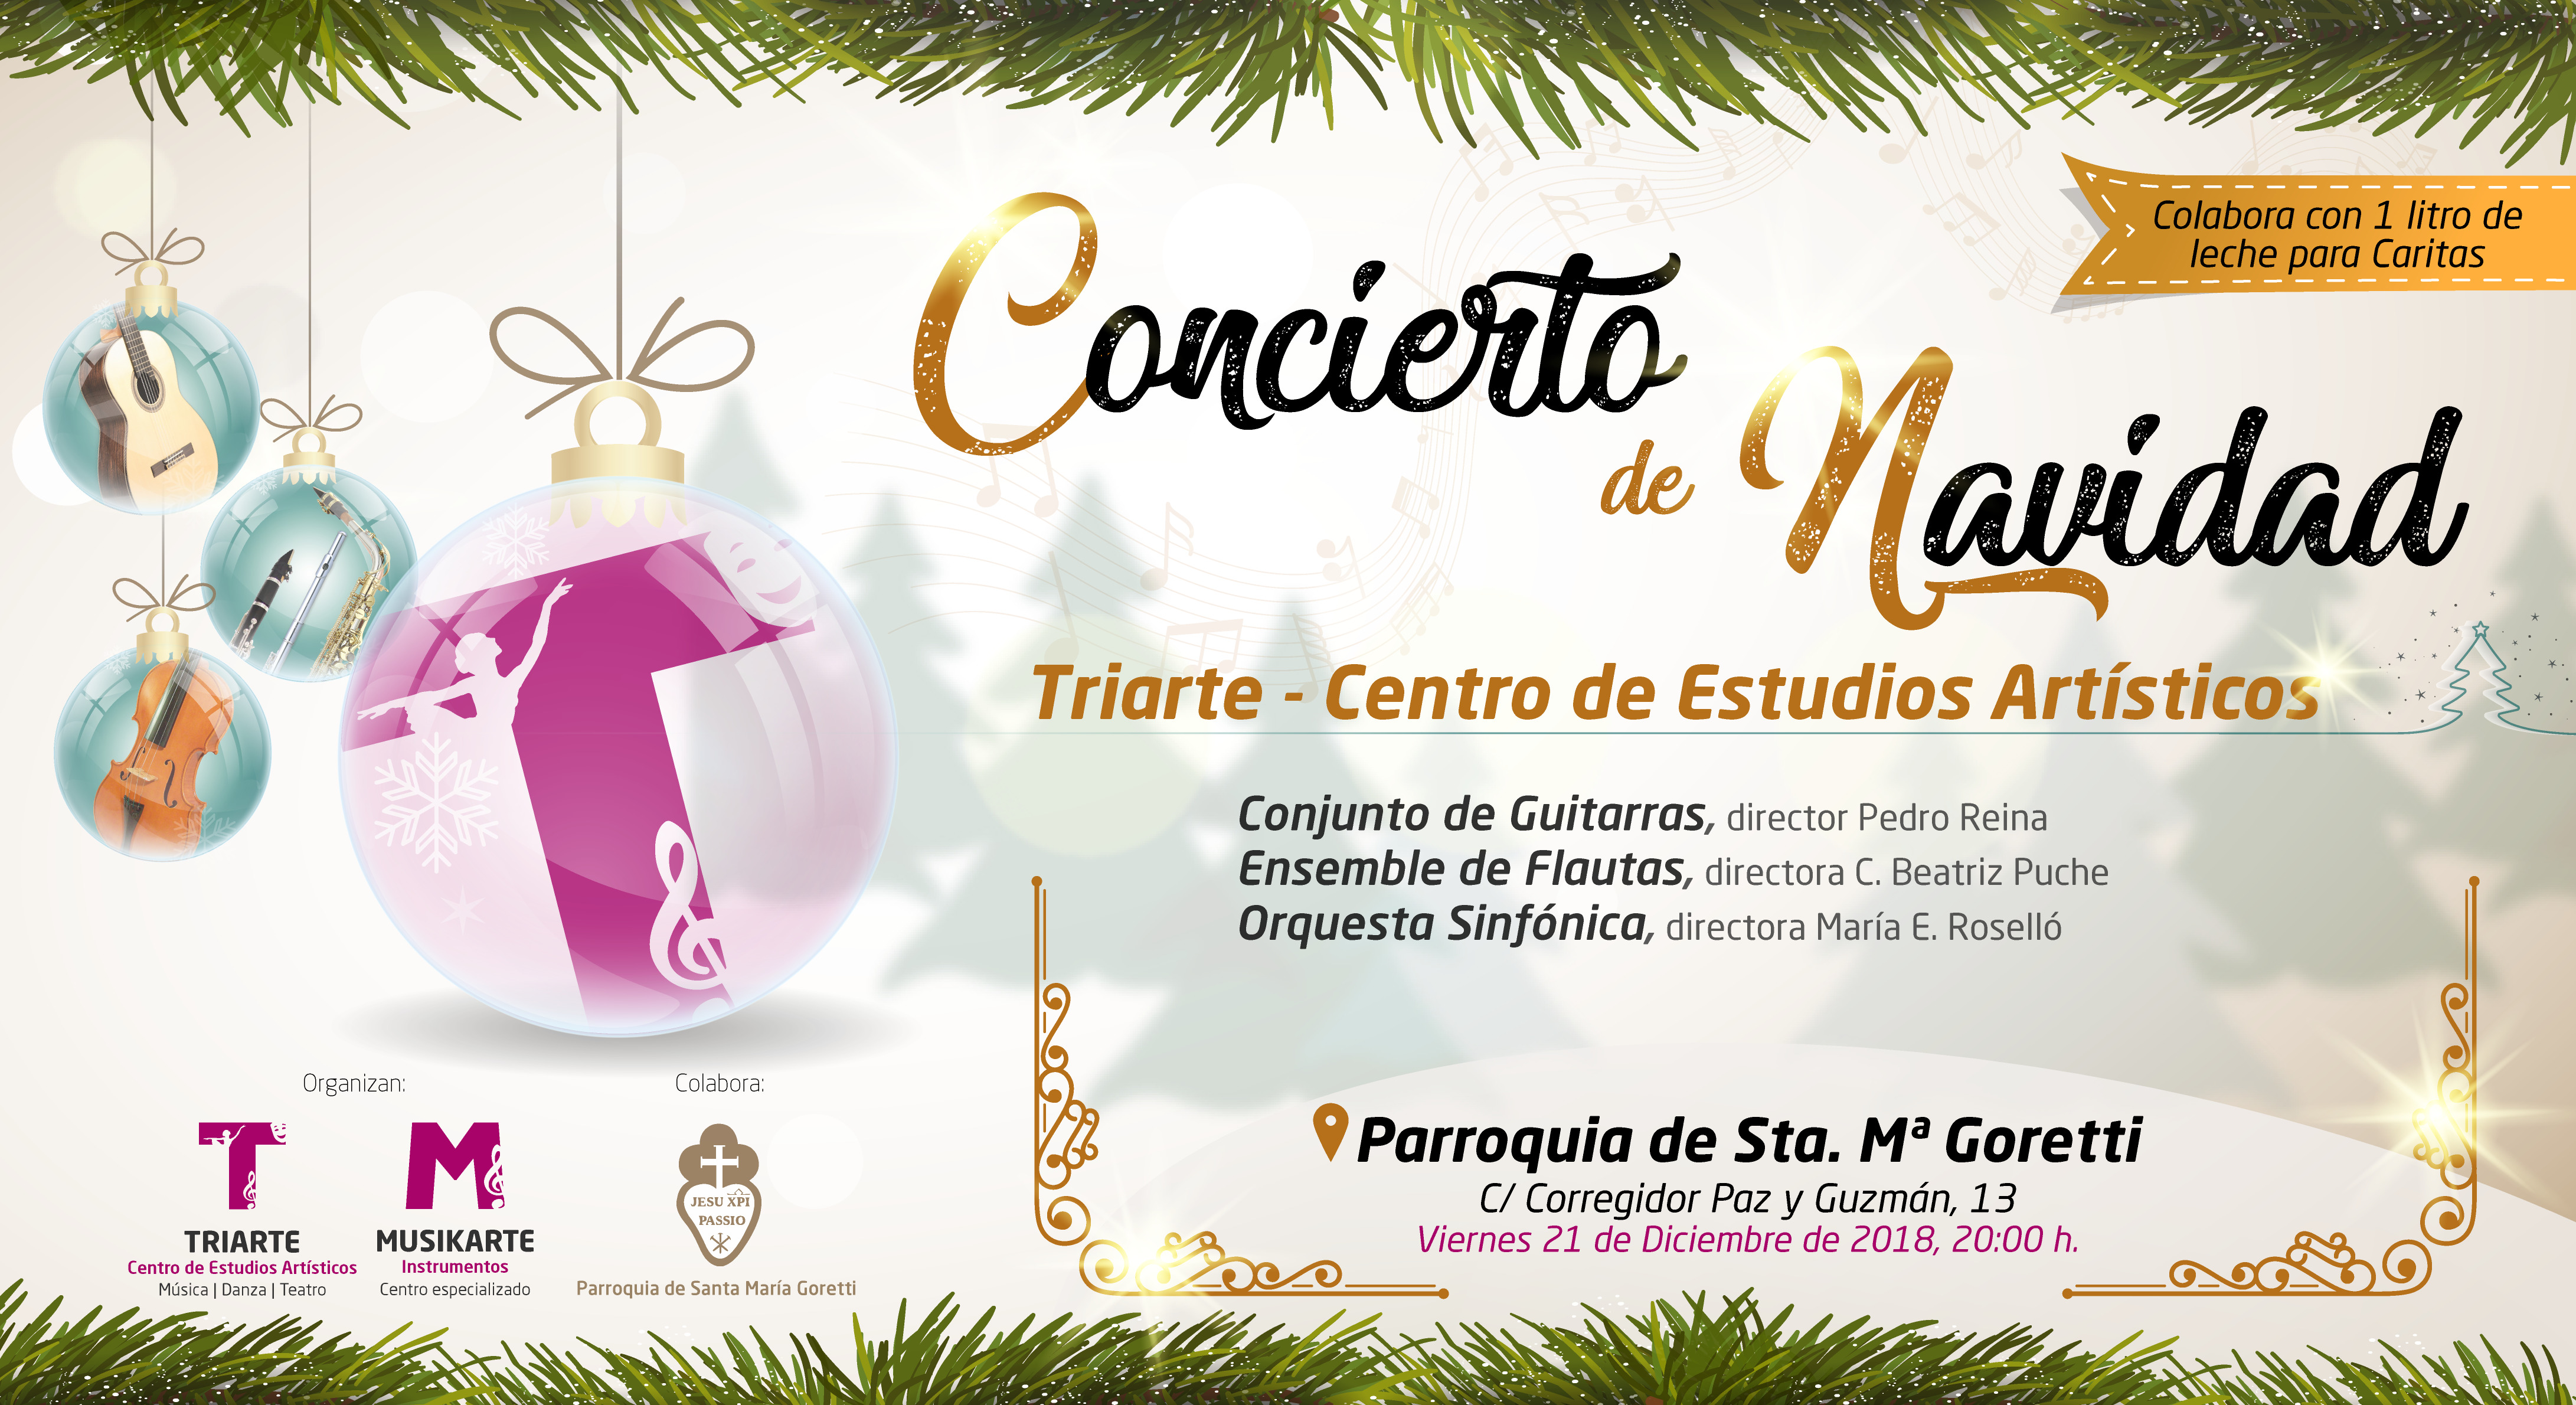 Concierto de Navidad Triarte. Orquesta Sinfónica, Ensemble de Flautas y Conjunto de Guitarras Triarte. Parroquia Santa María Goretti, Málaga. 21 de diciembre 2018